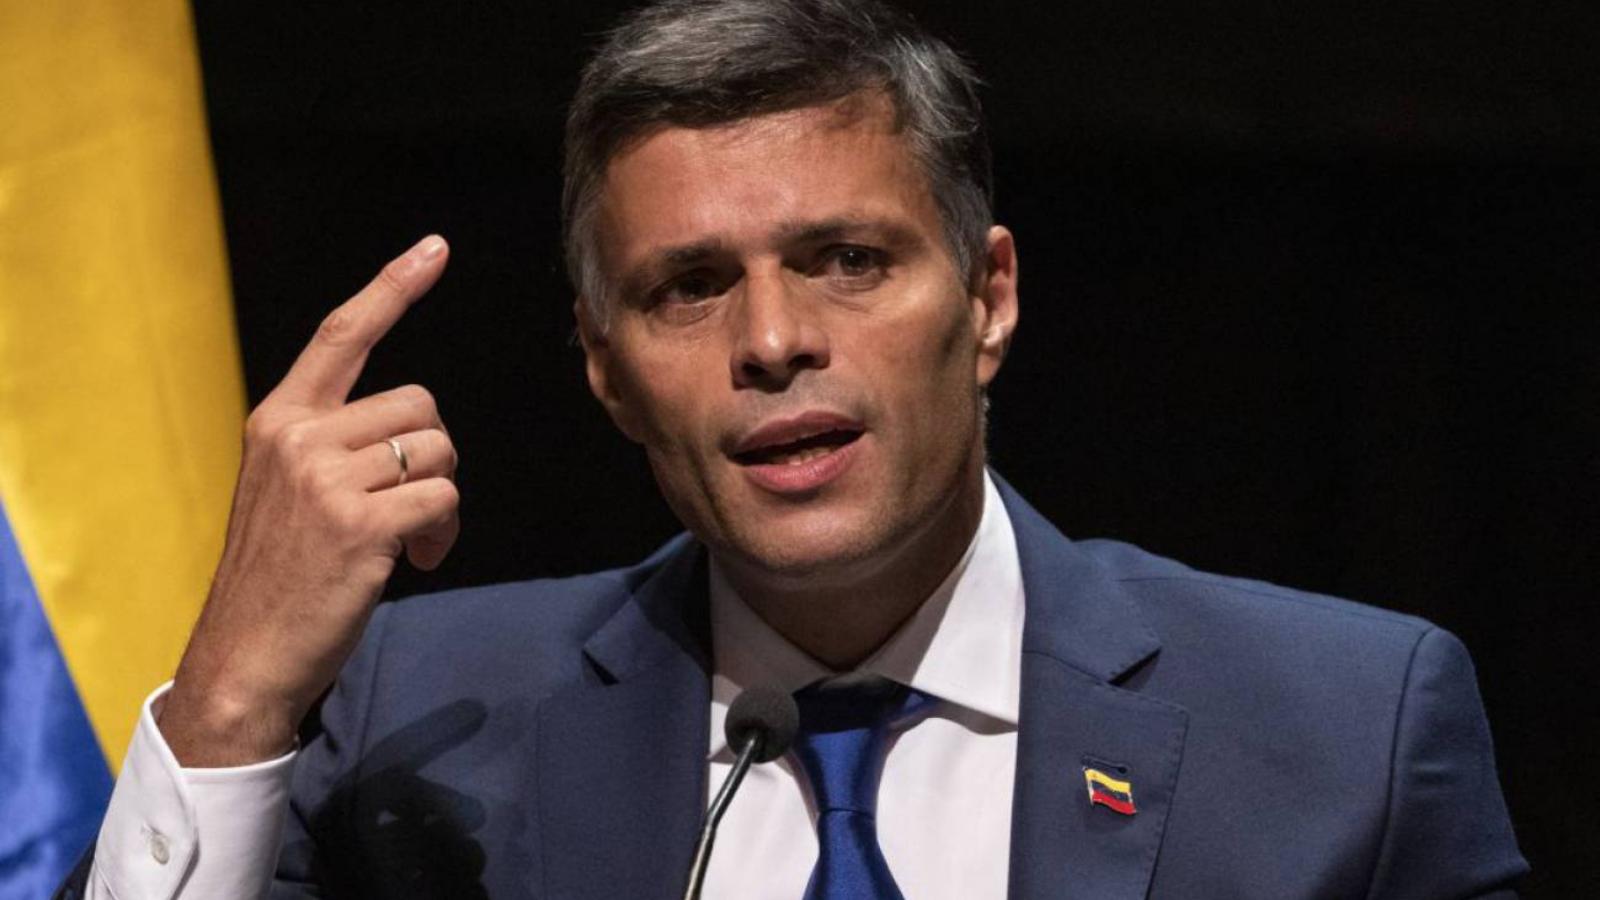 Leopoldo promete conseguir ayuda humanitaria para Venezuela